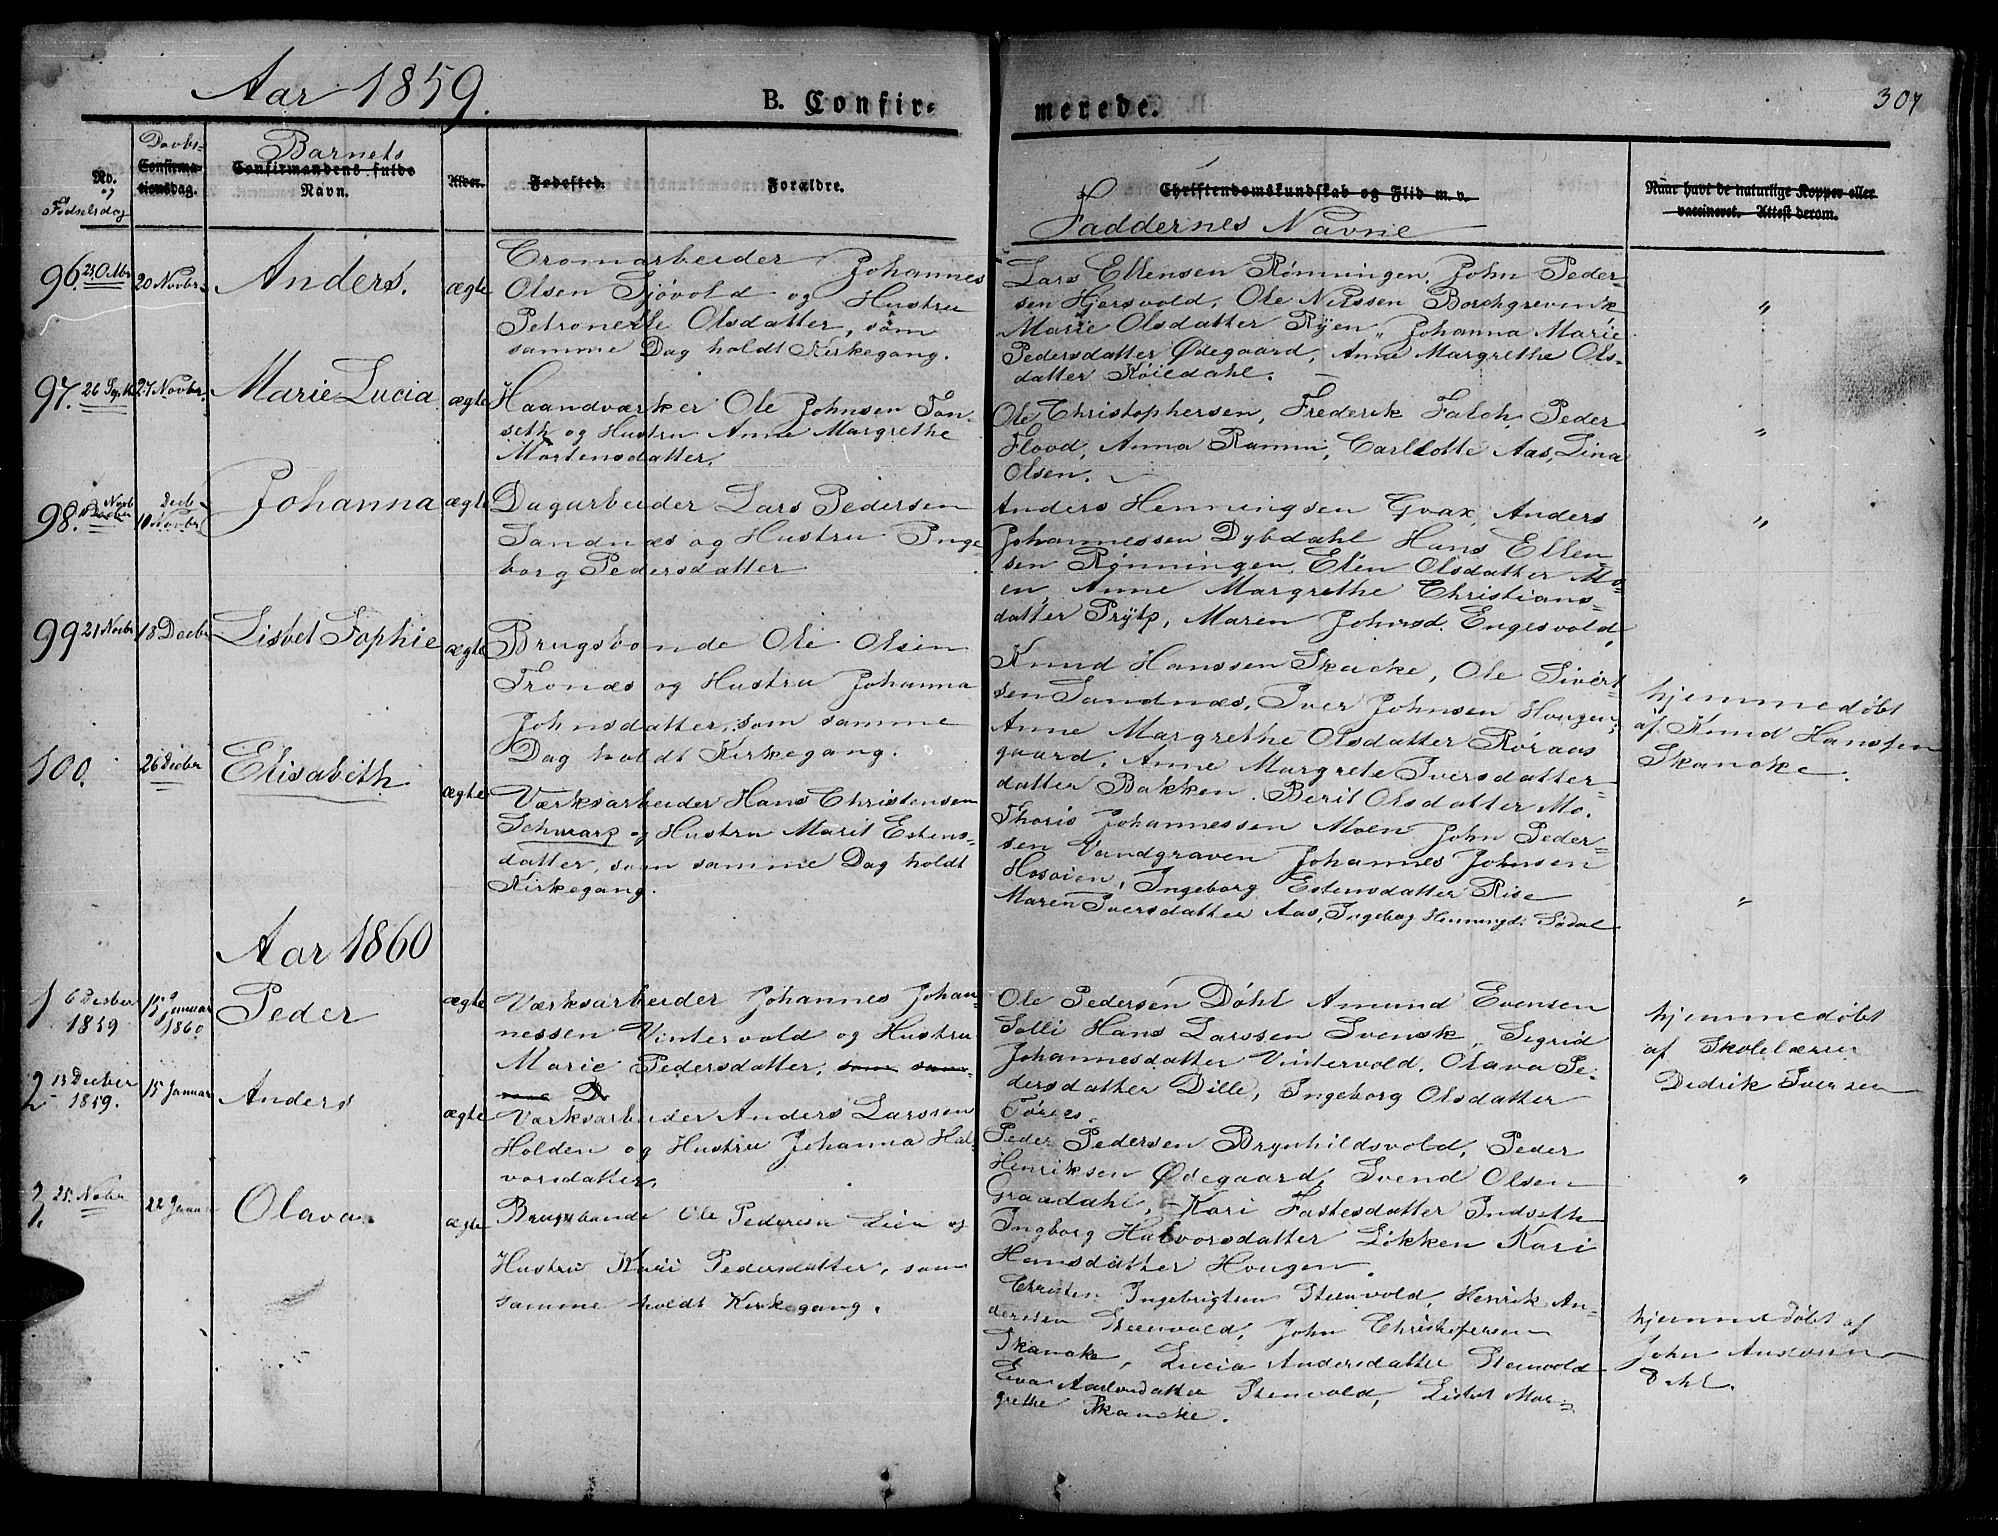 SAT, Ministerialprotokoller, klokkerbøker og fødselsregistre - Sør-Trøndelag, 681/L0938: Klokkerbok nr. 681C02, 1829-1879, s. 307